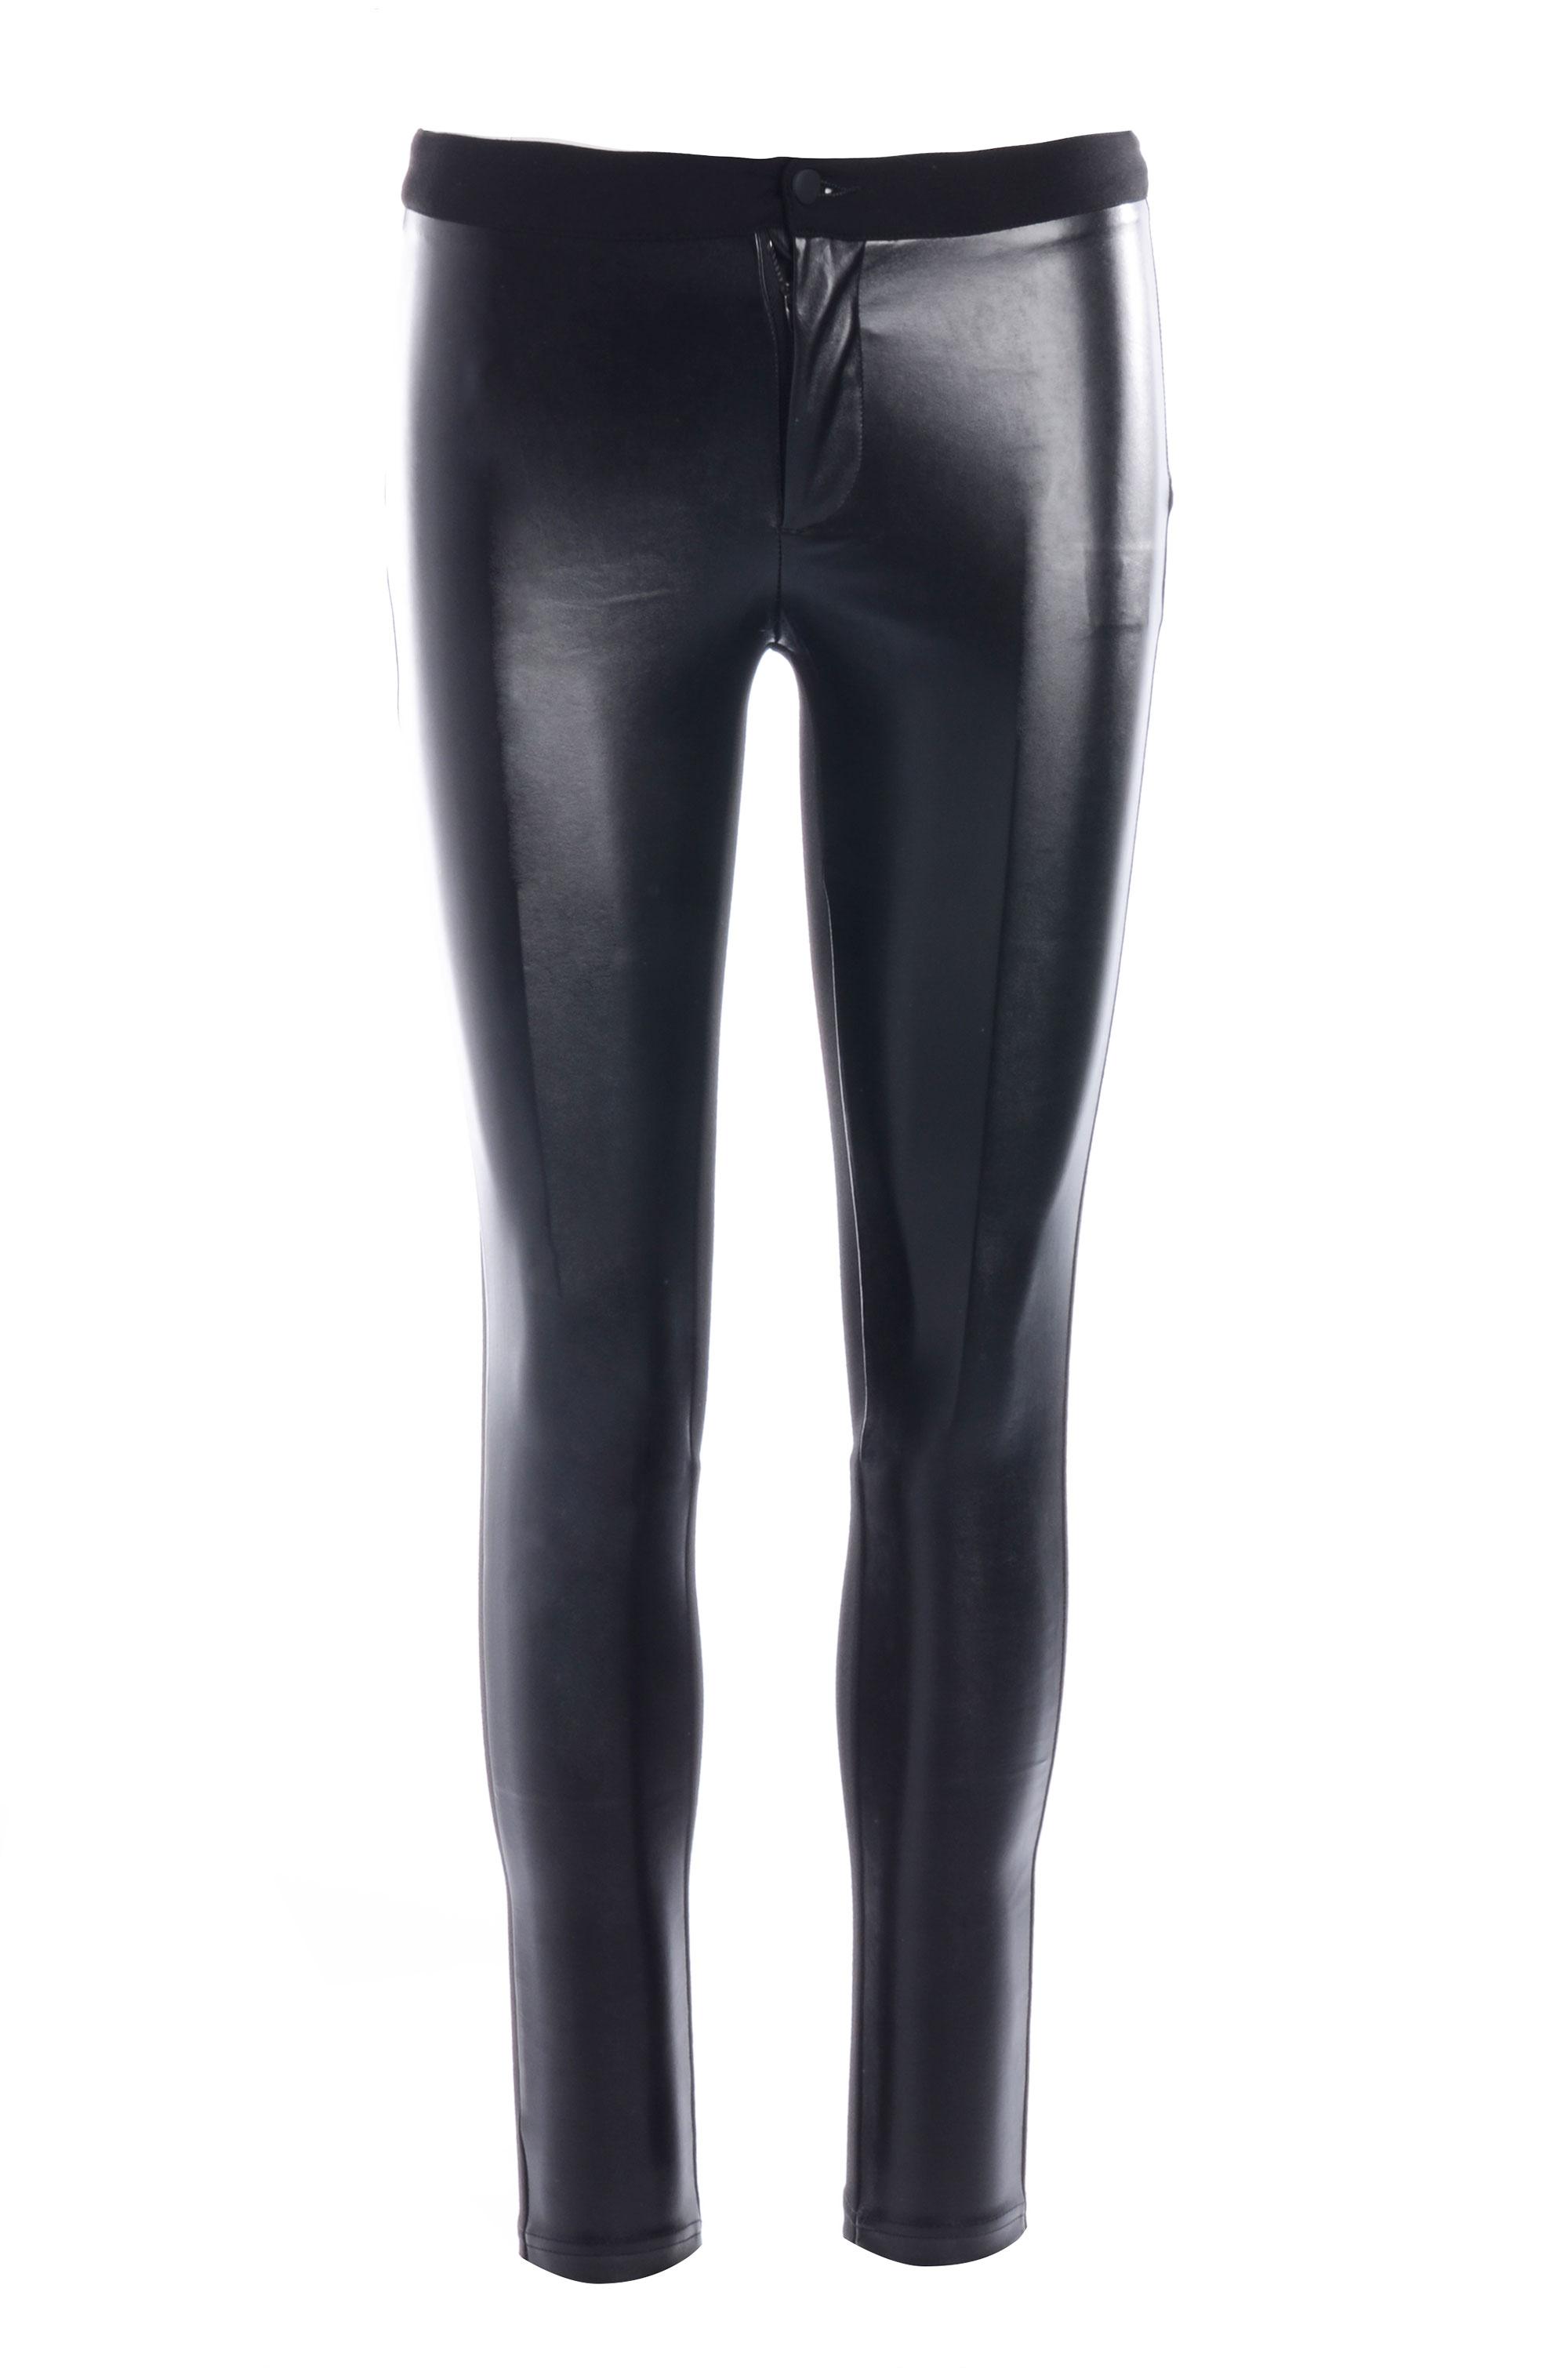 Spodnie - 88-201670 NER - Unisono